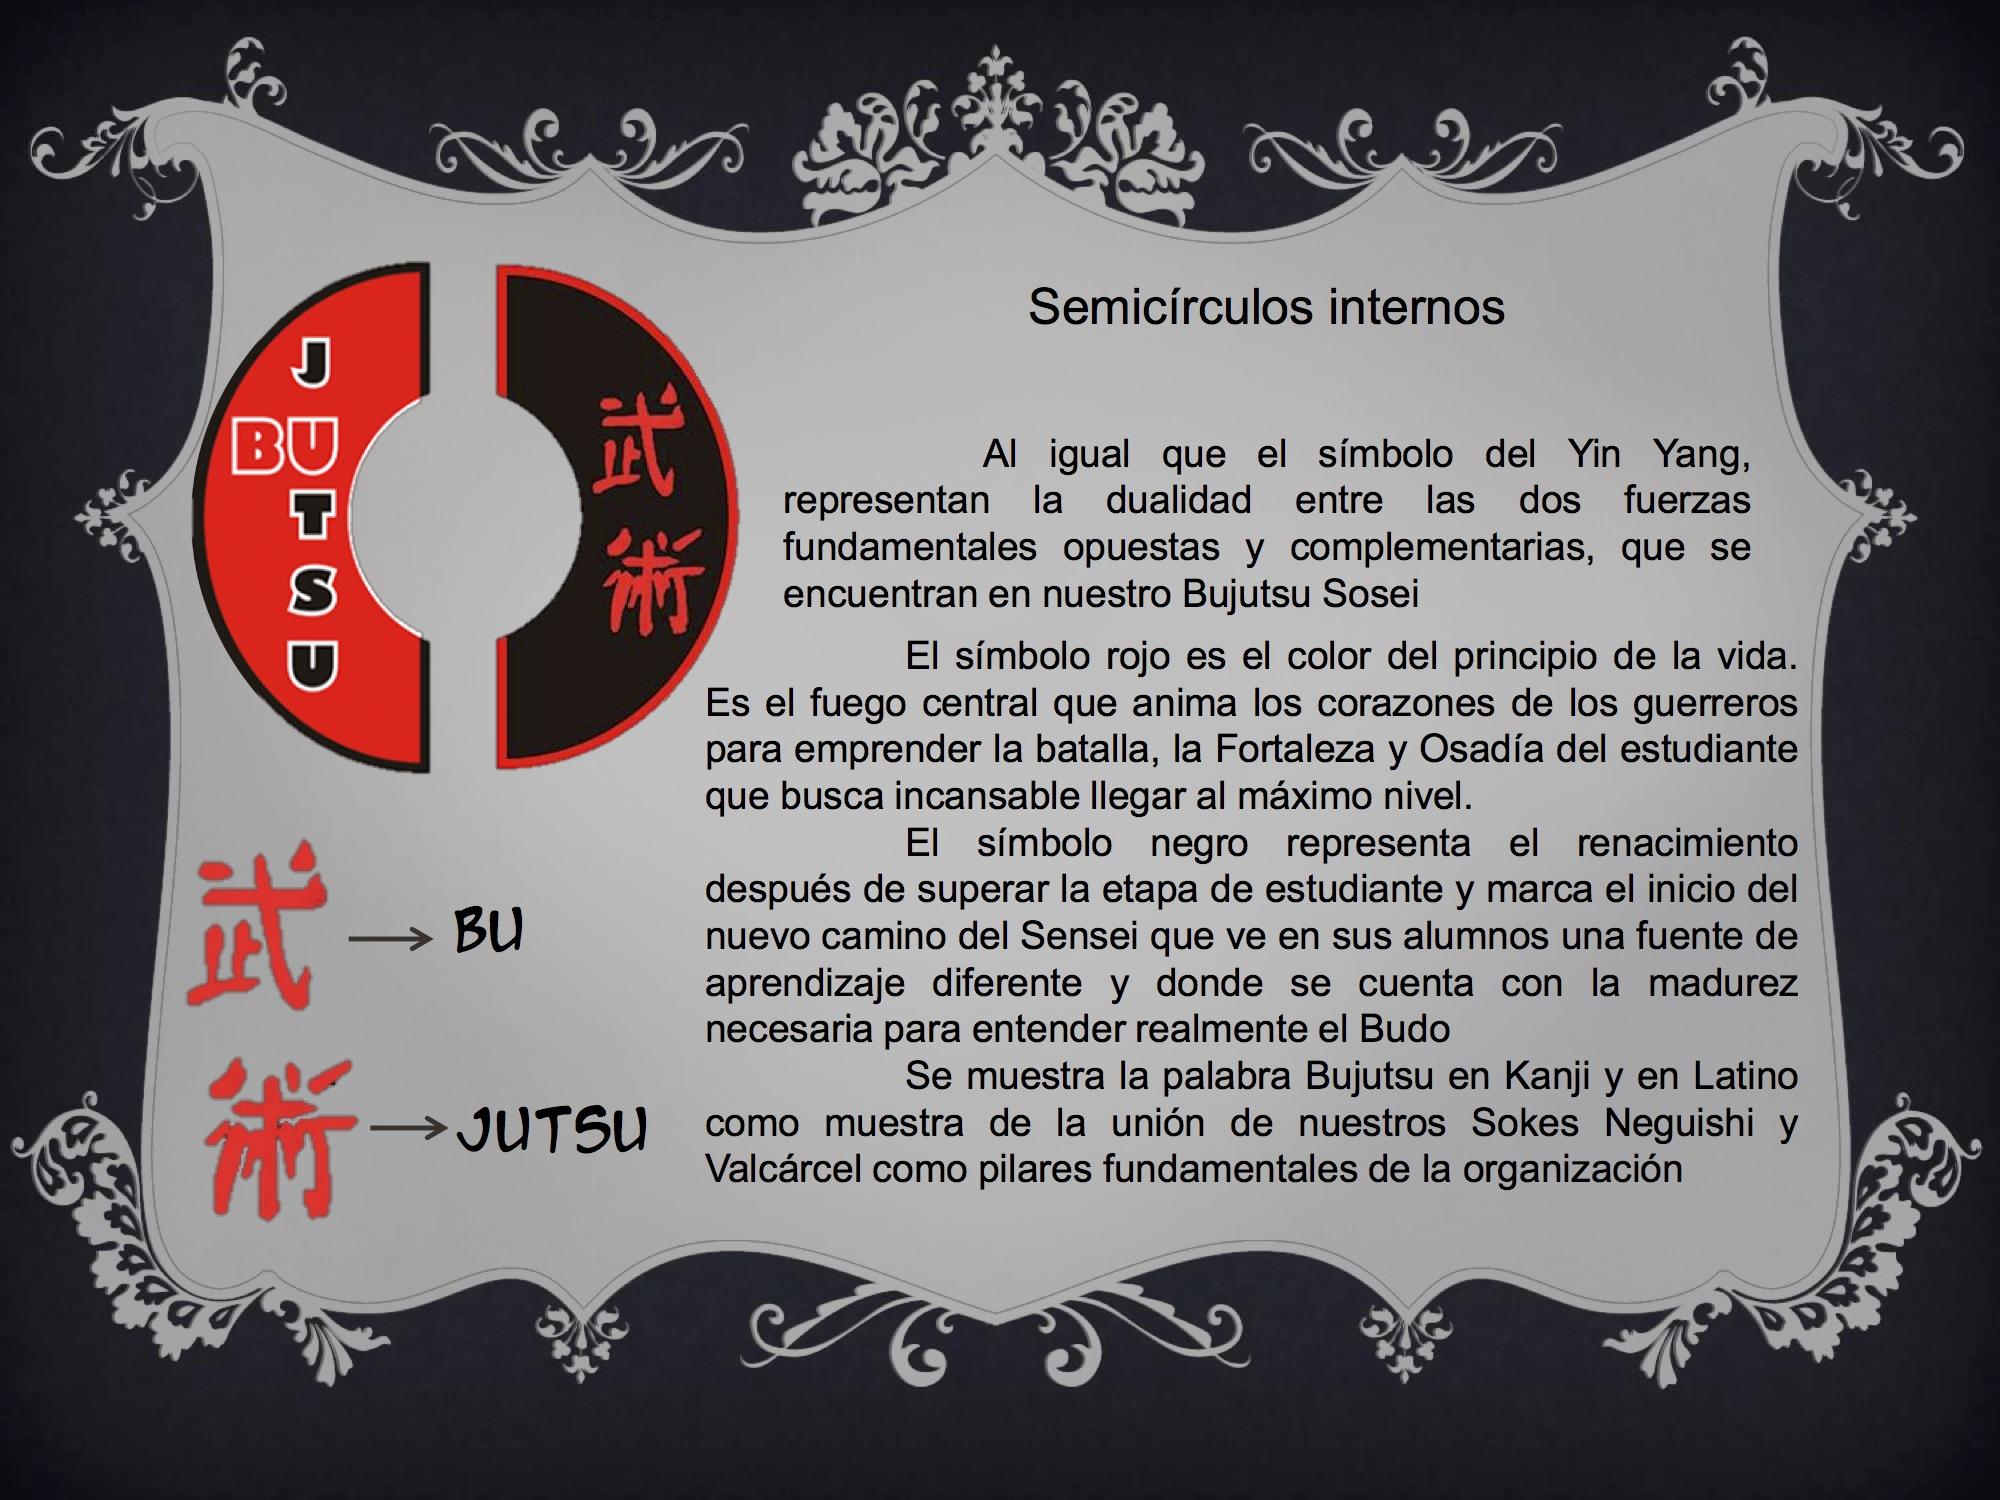 Emblema Bujutsu 7